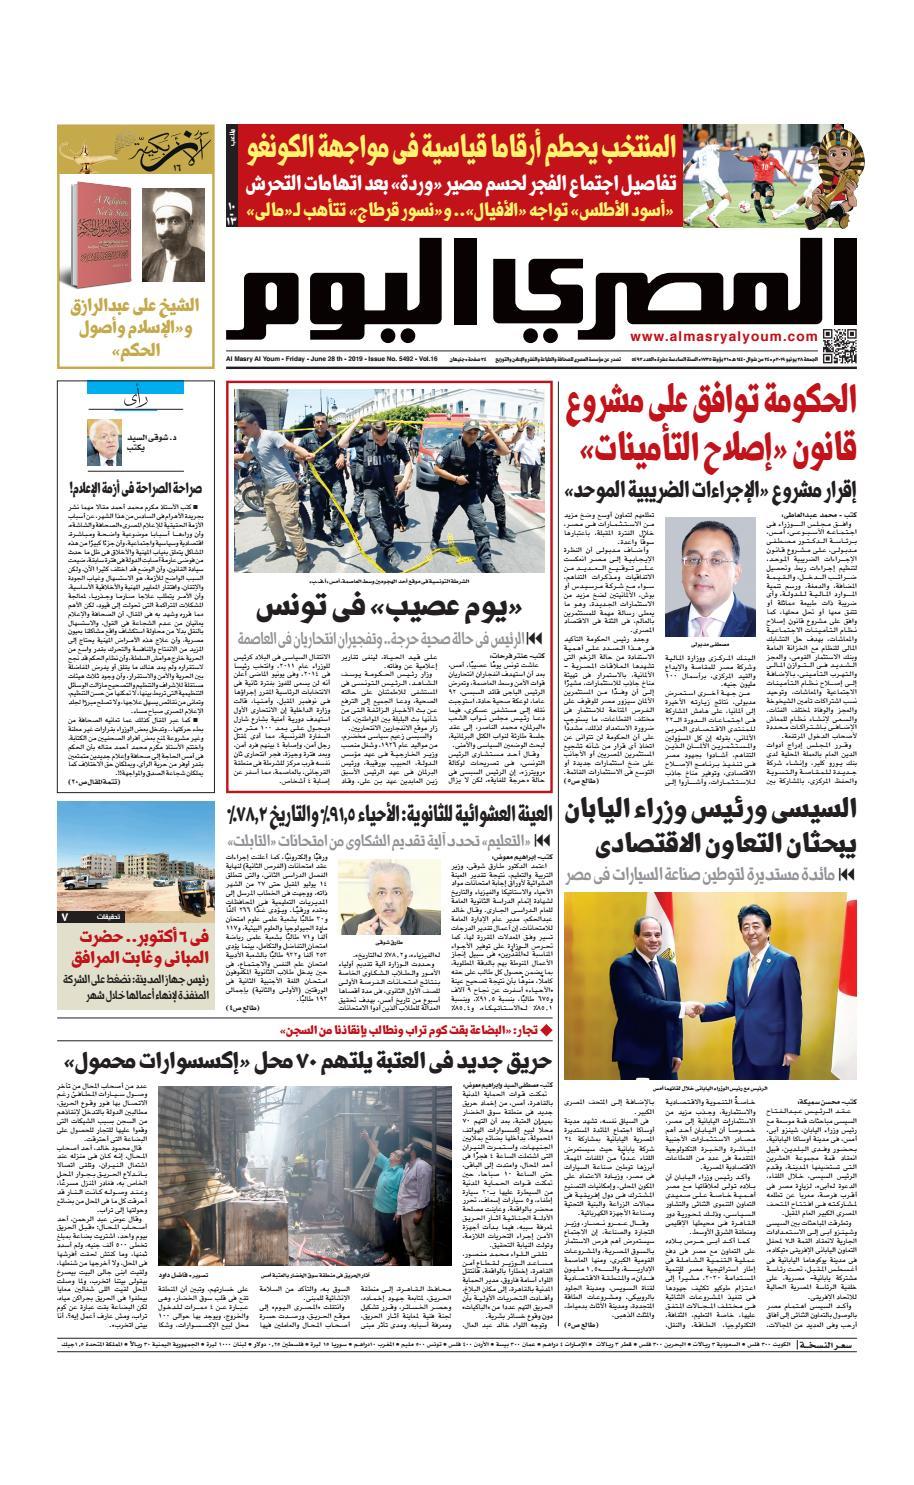 عدد الجمعة 28 6 2019 By Al Masry Media Corp Issuu